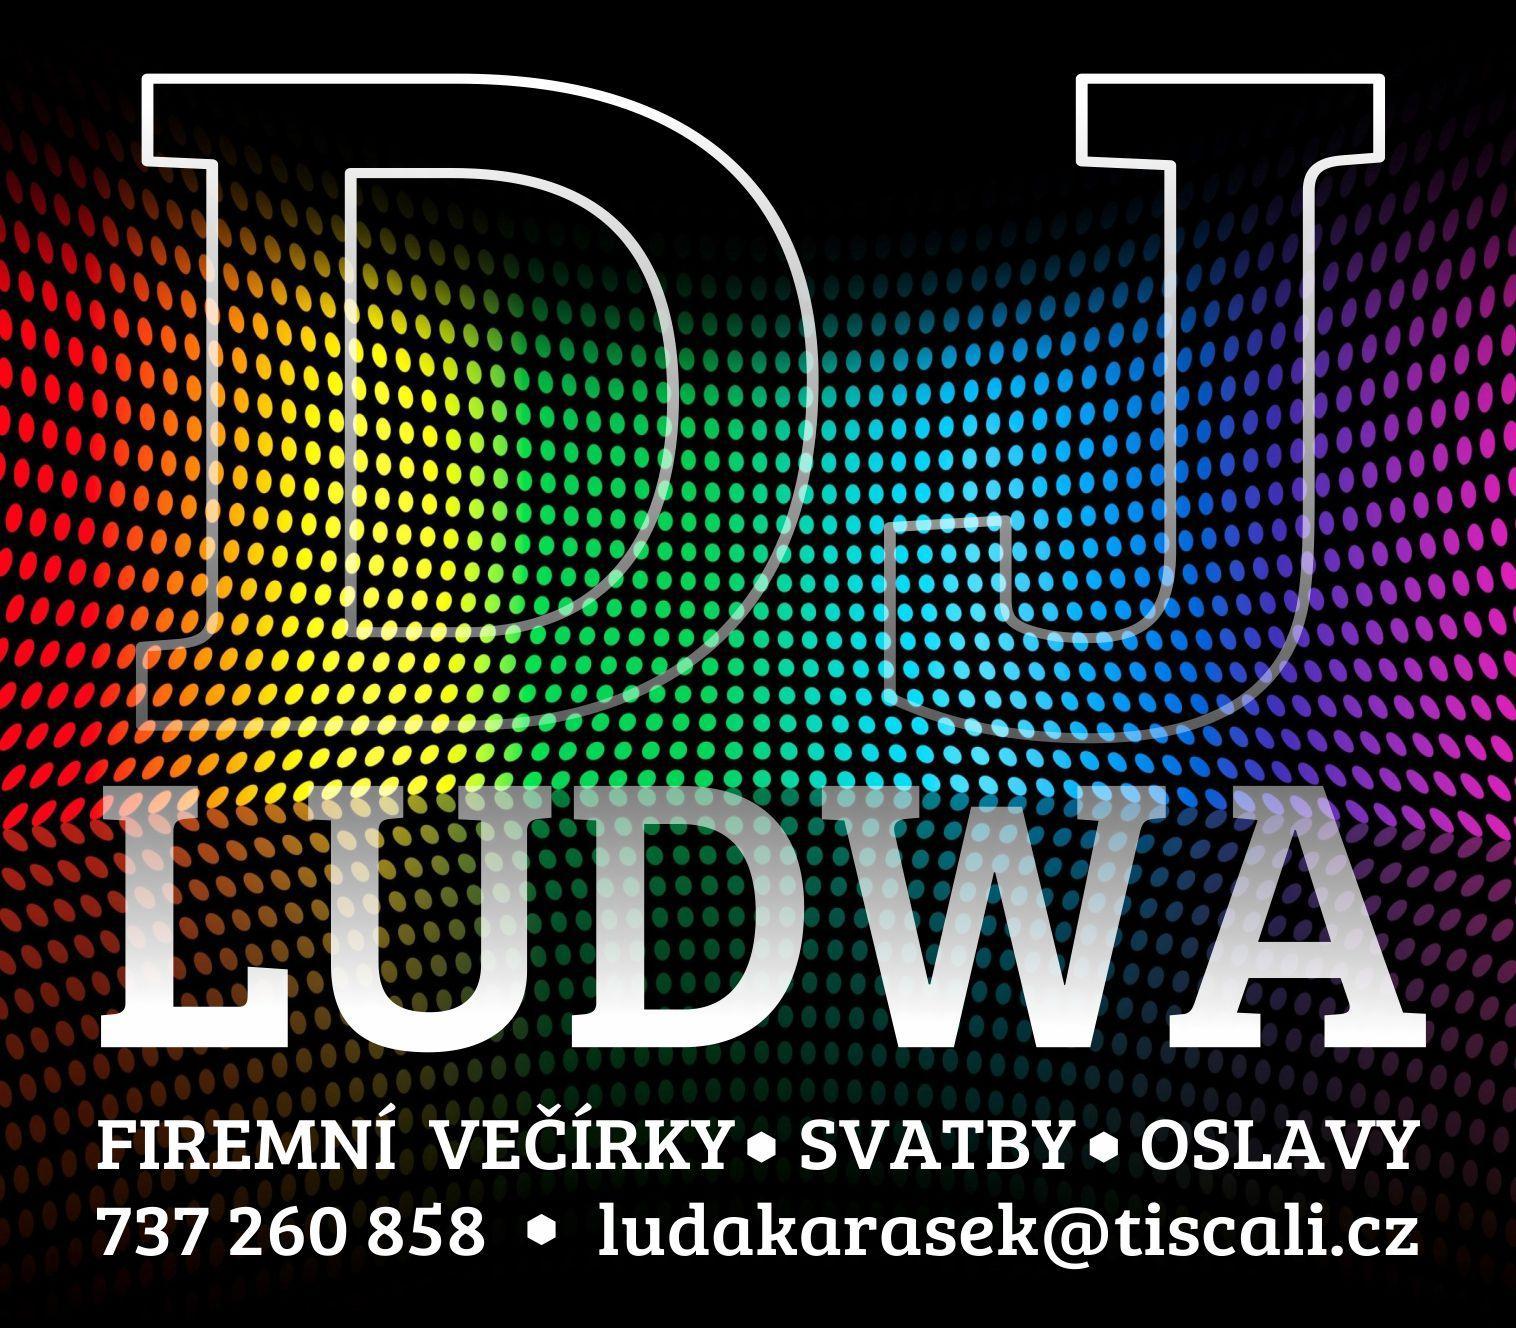 ludakarasek - Obrázek č. 1